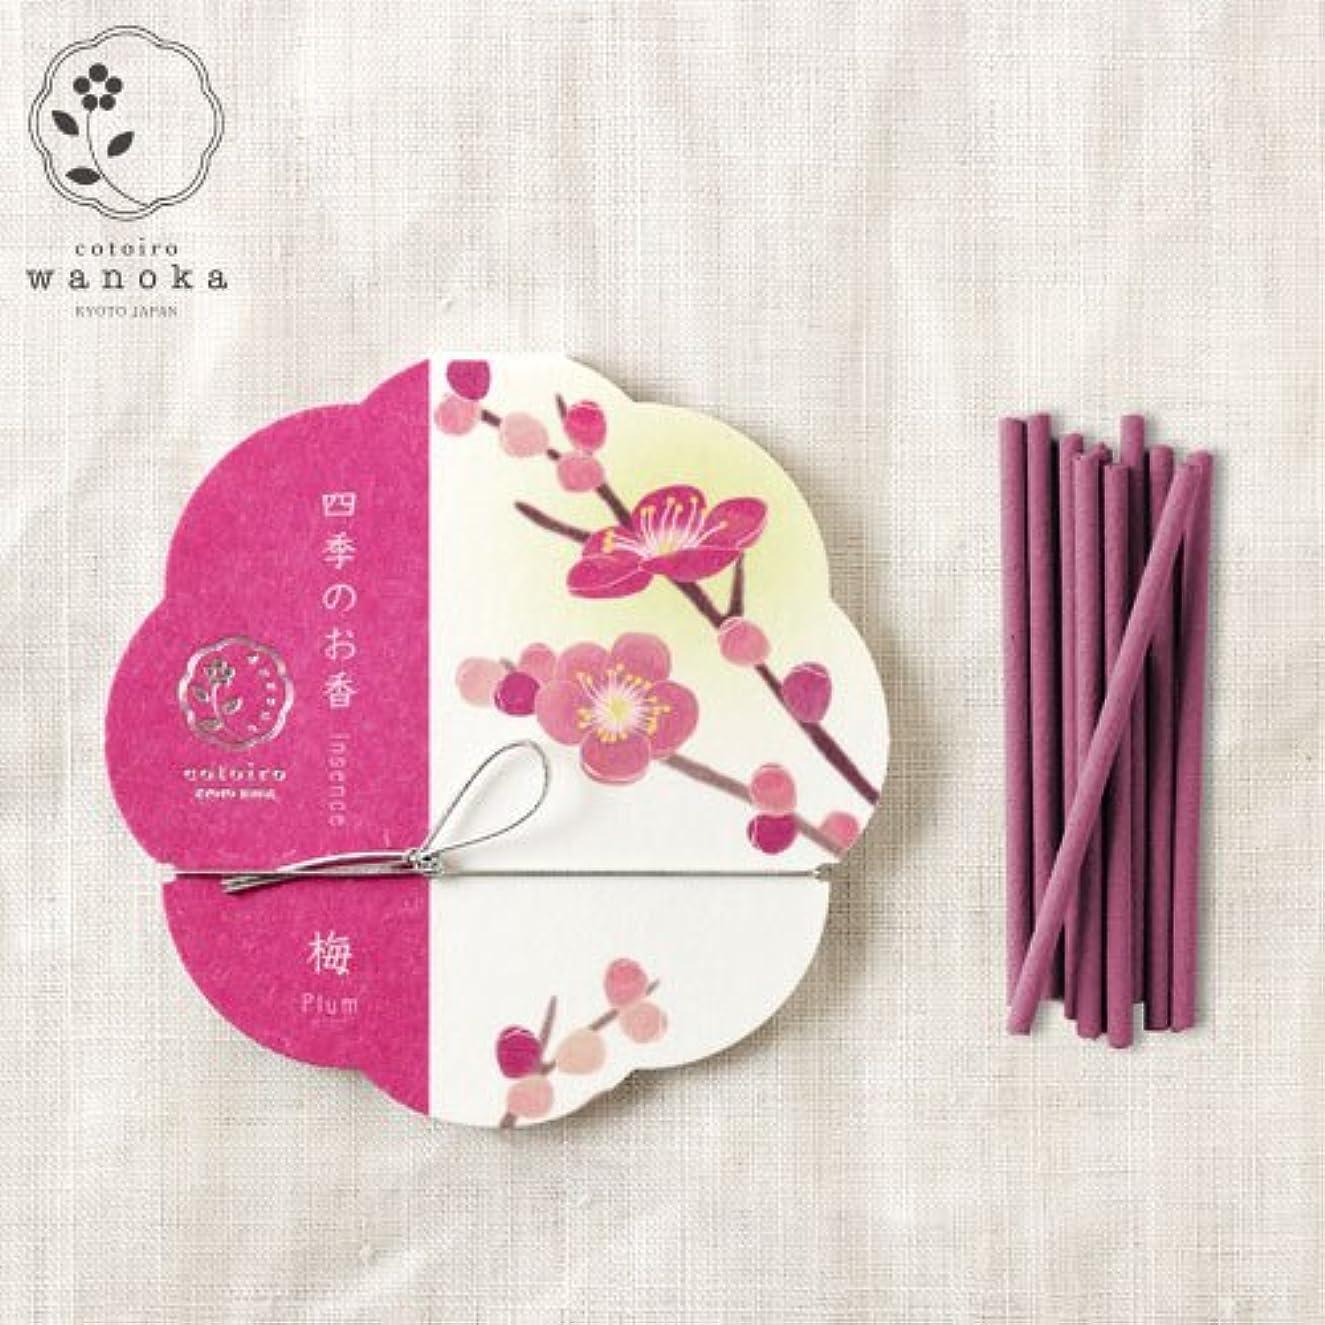 損なう永久先例wanoka四季のお香(インセンス)梅《梅をイメージした甘酸っぱい香り》ART LABIncense stick